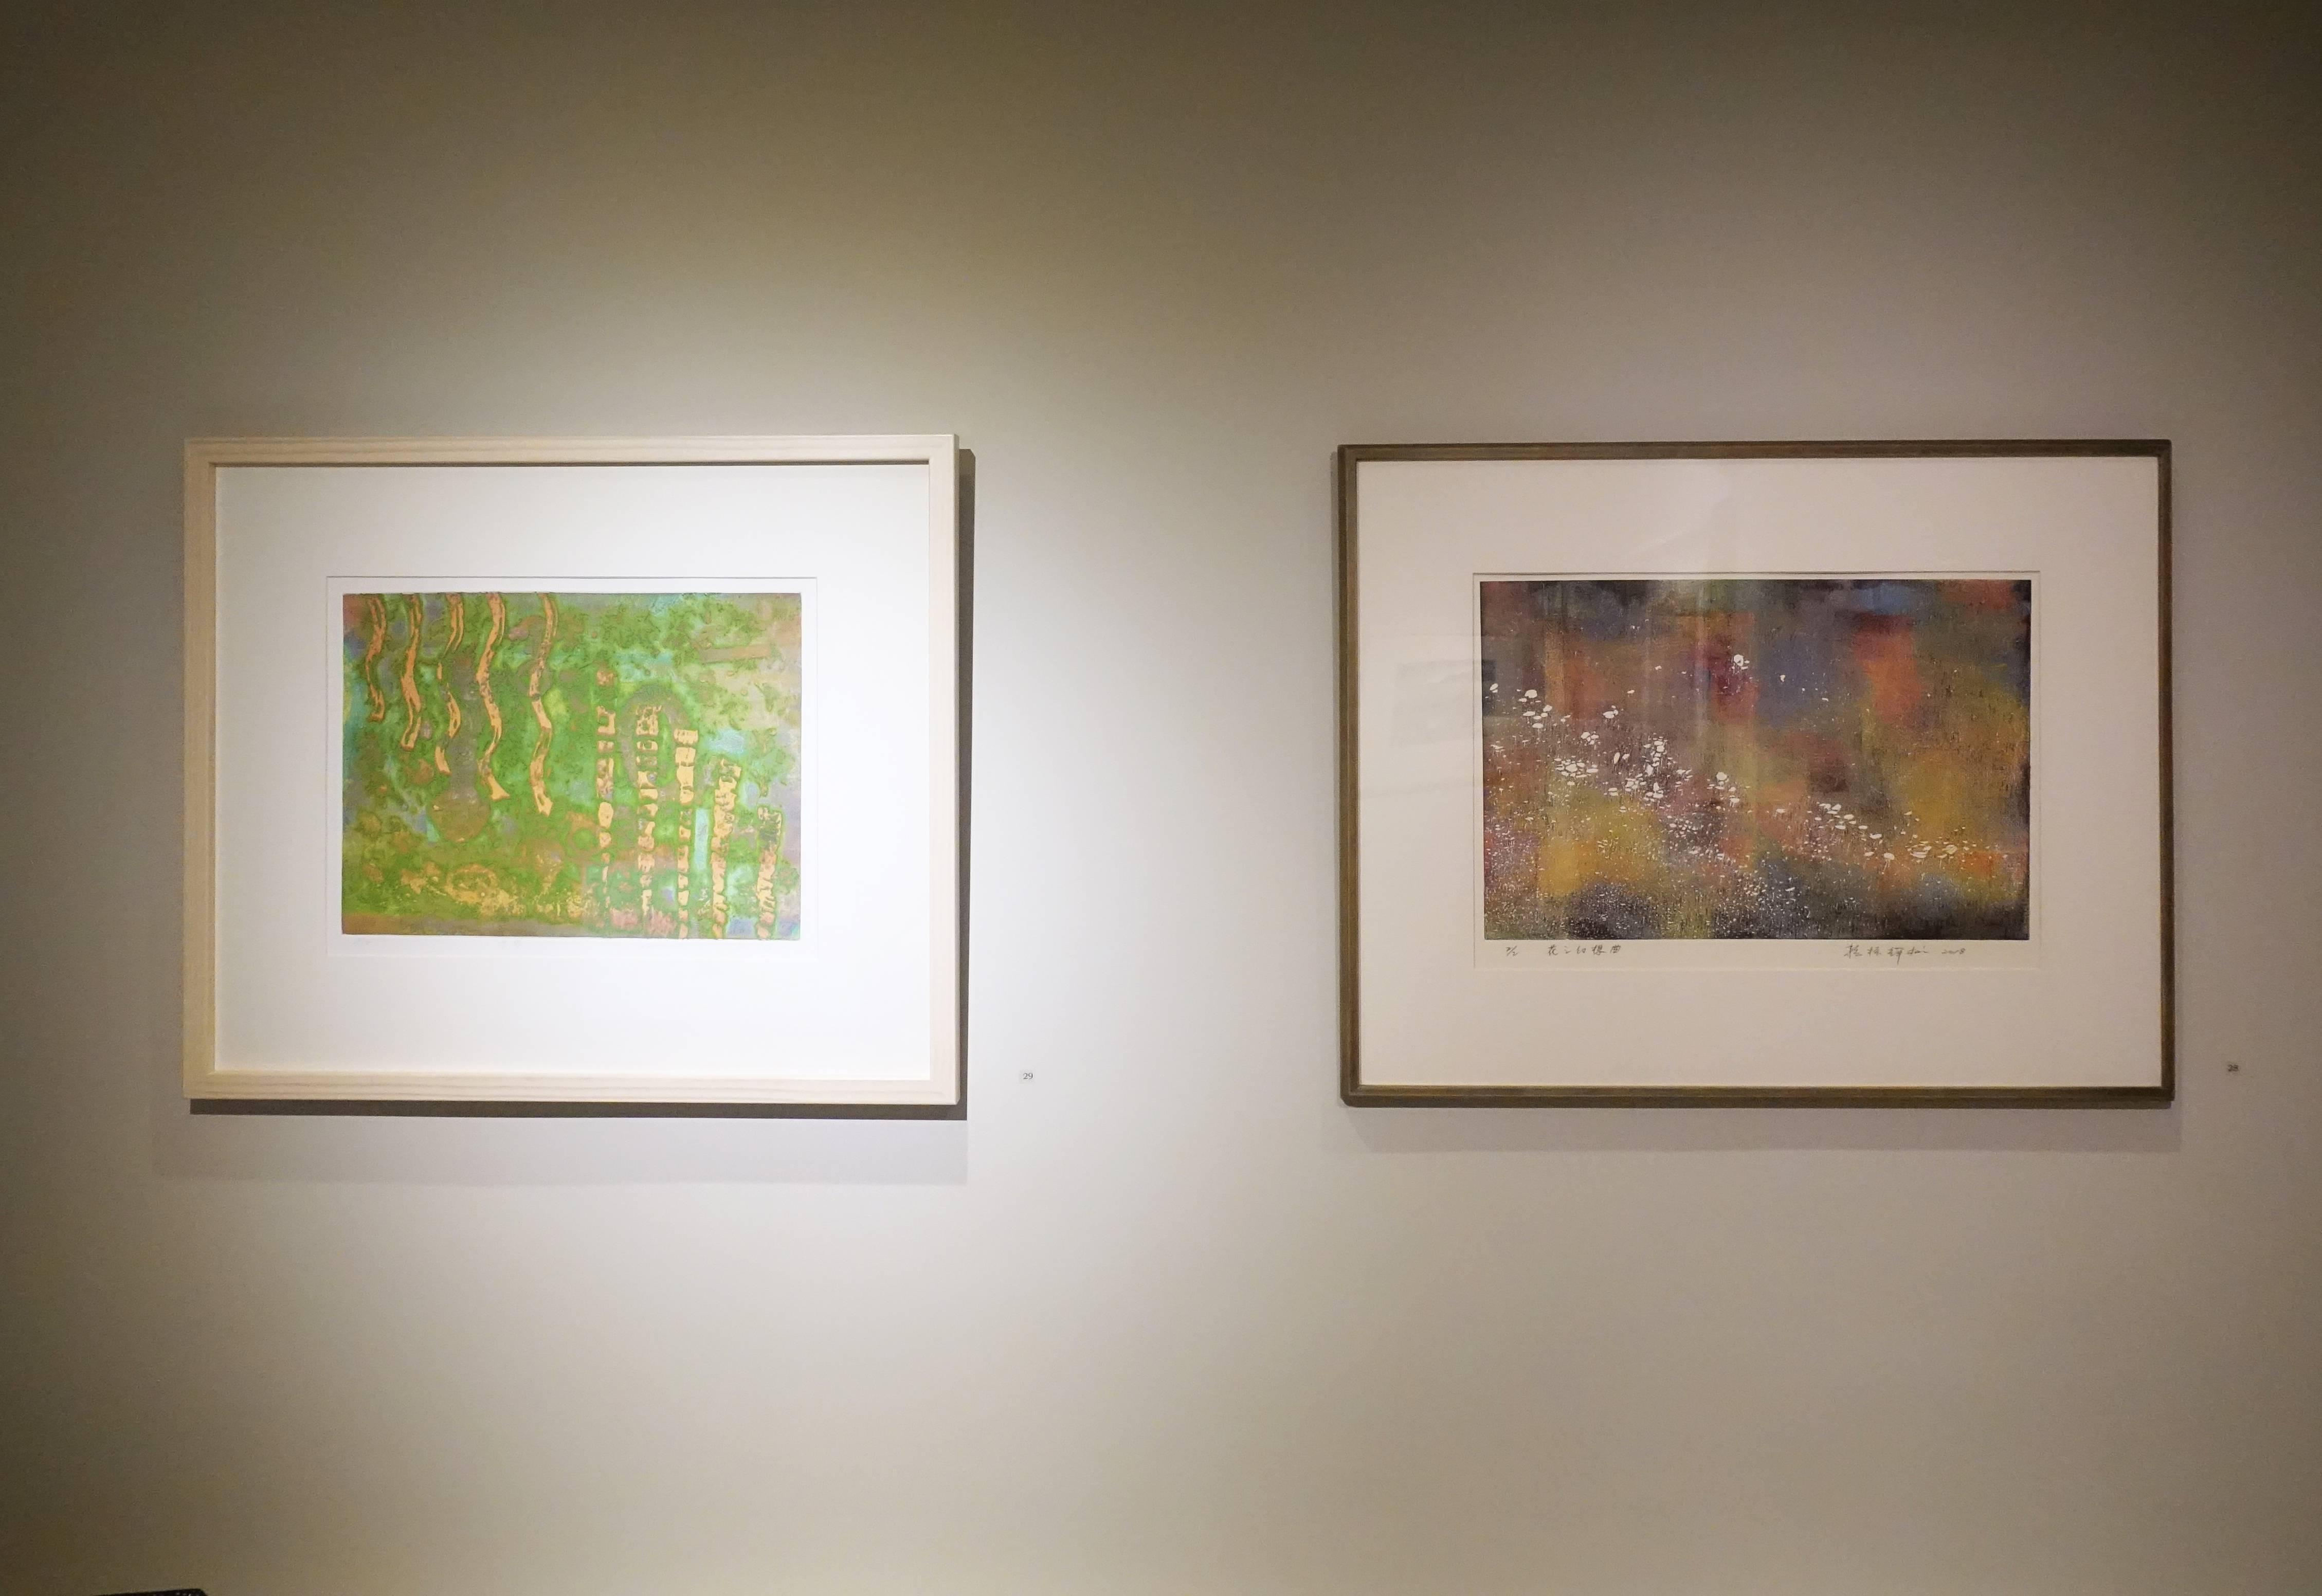 賴振輝,《花之幻想曲》,30 x 45 cm,2/2,併用版,2018,(右)蔡義雄,《濃密》,29 x 39 cm,AP,一版多色,2015。(左)